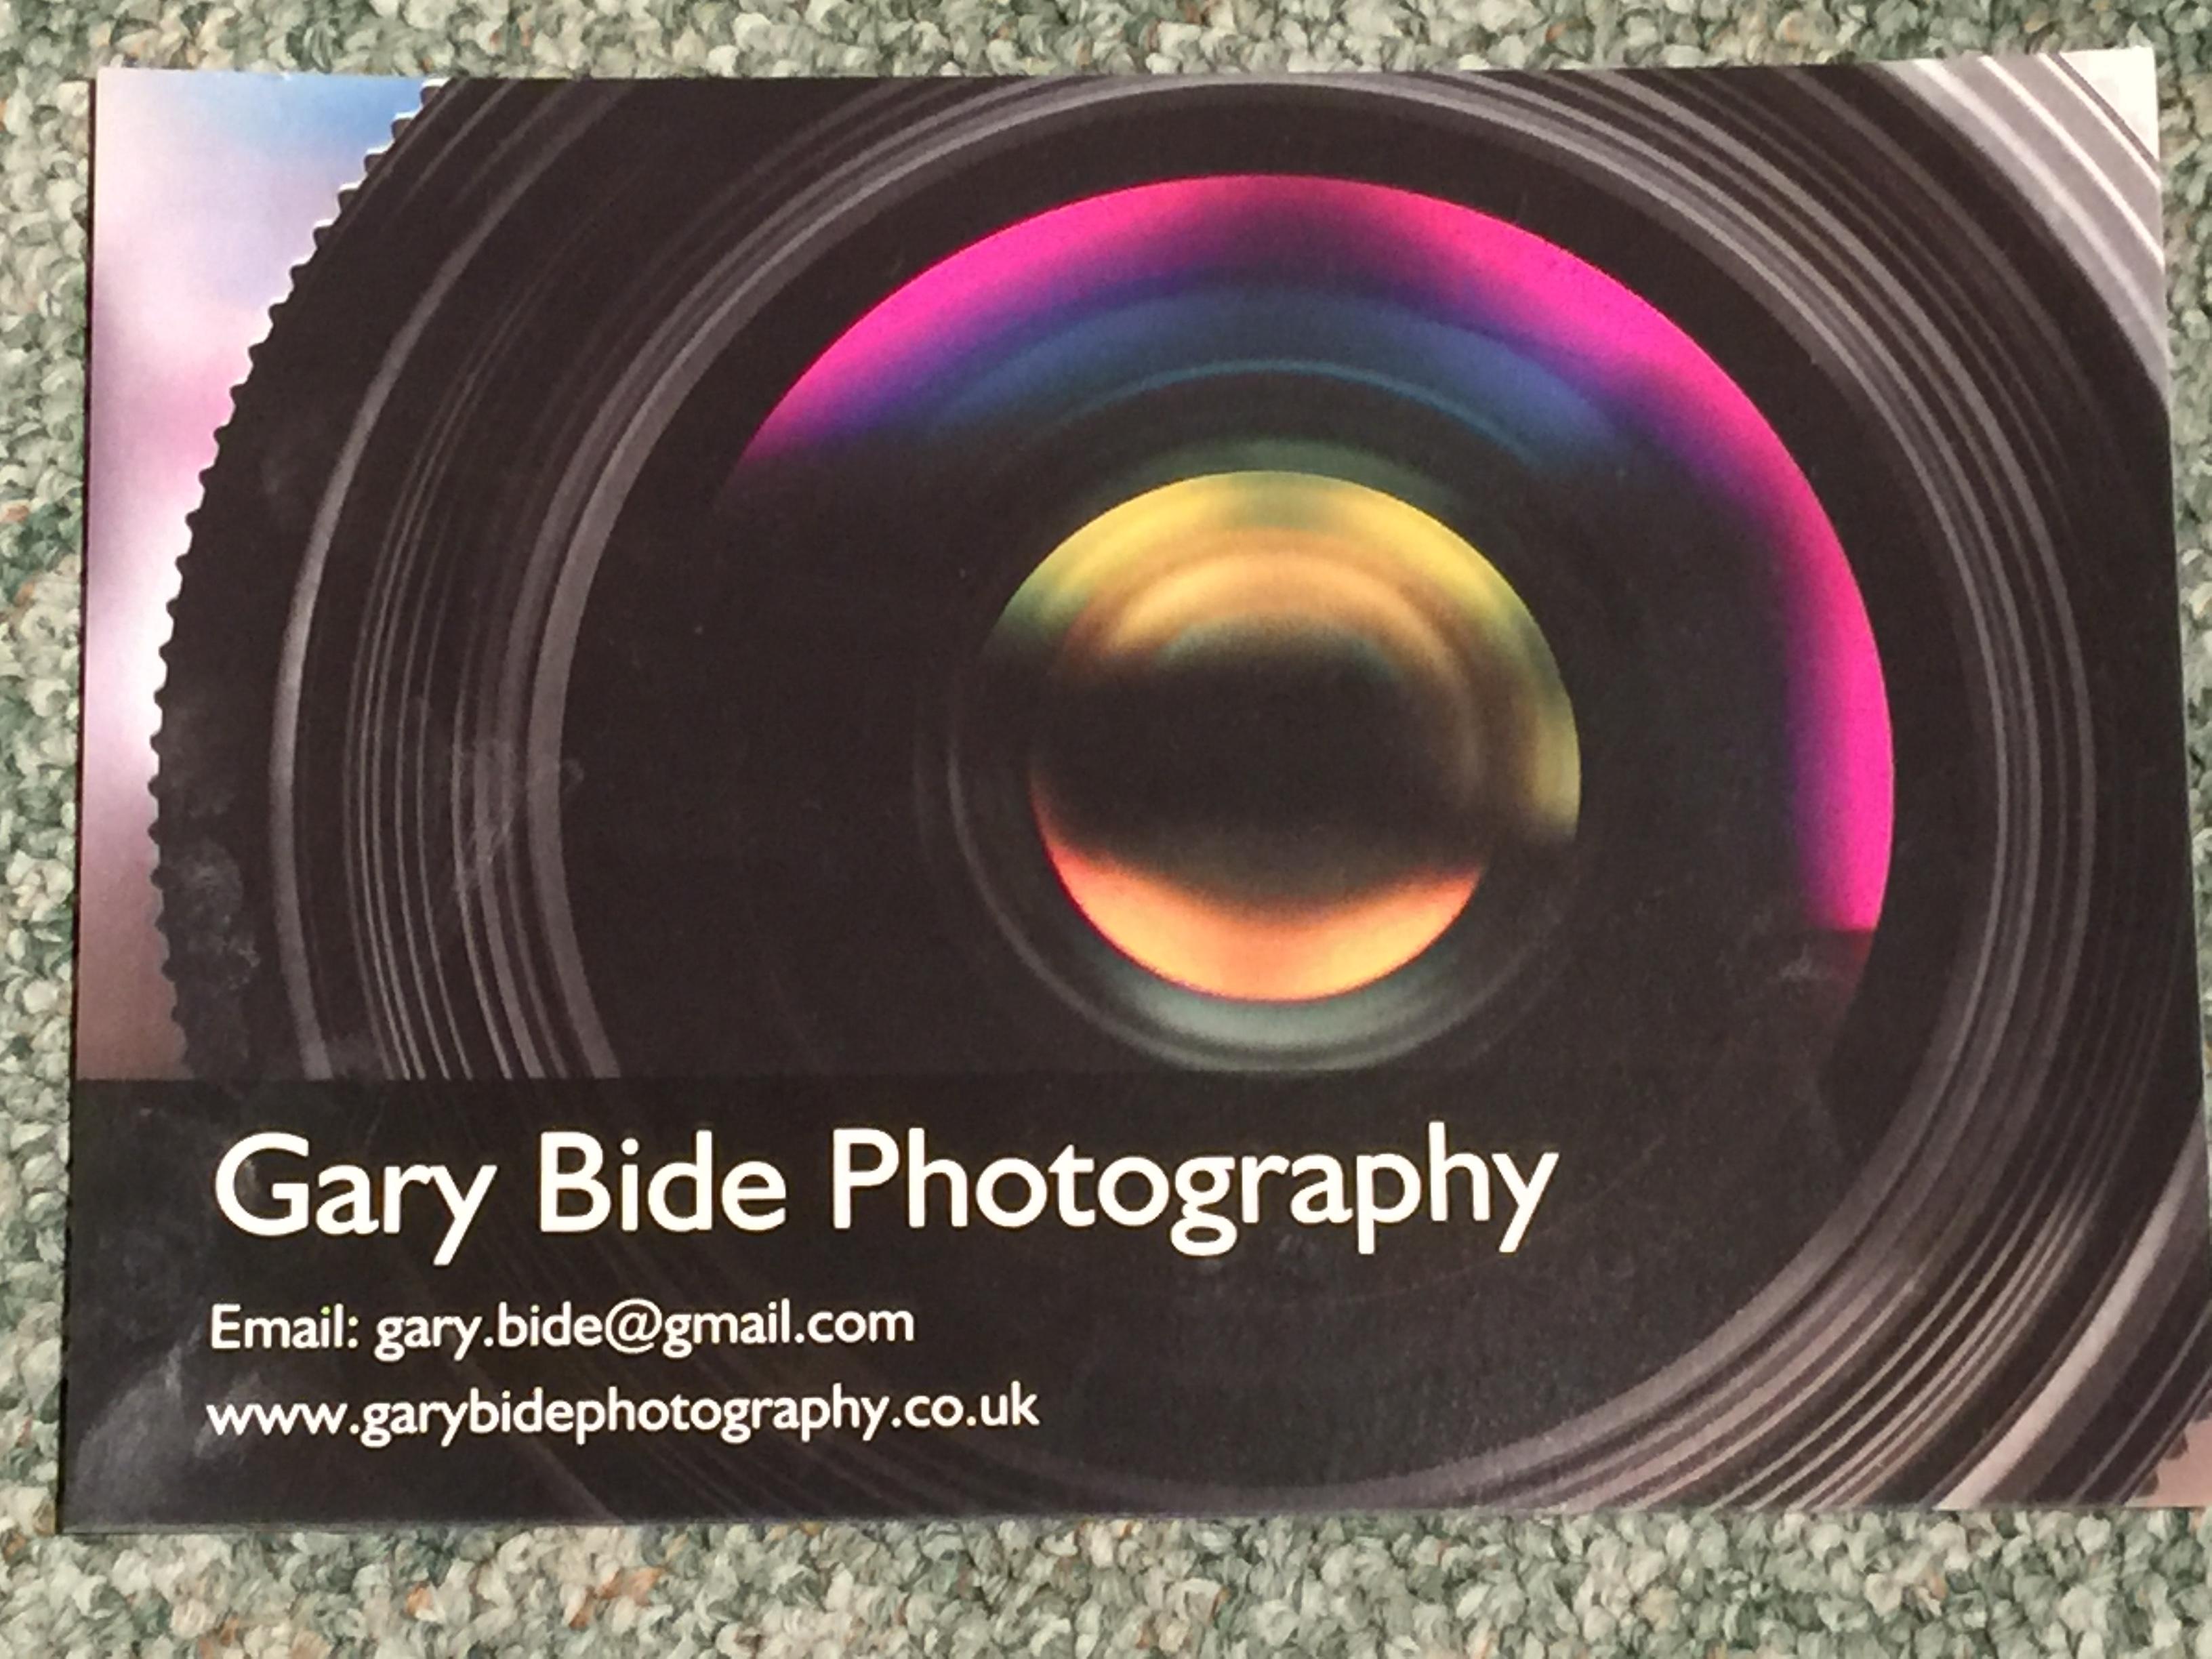 Gary Bide Photography